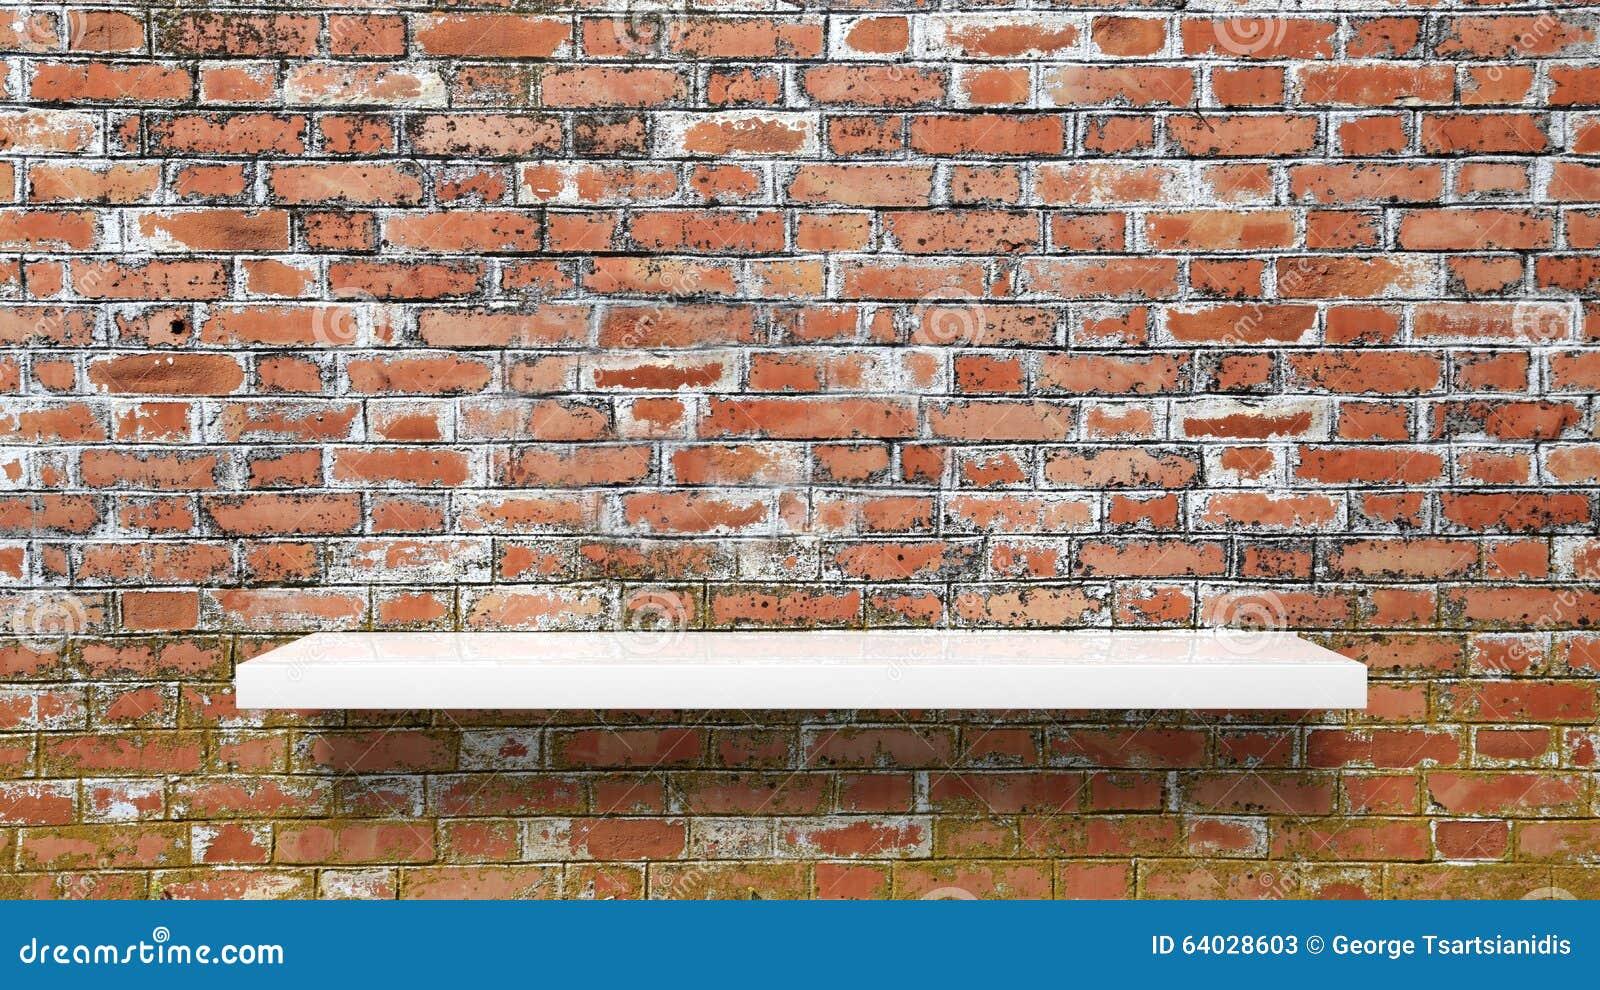 Empty white wall shelf